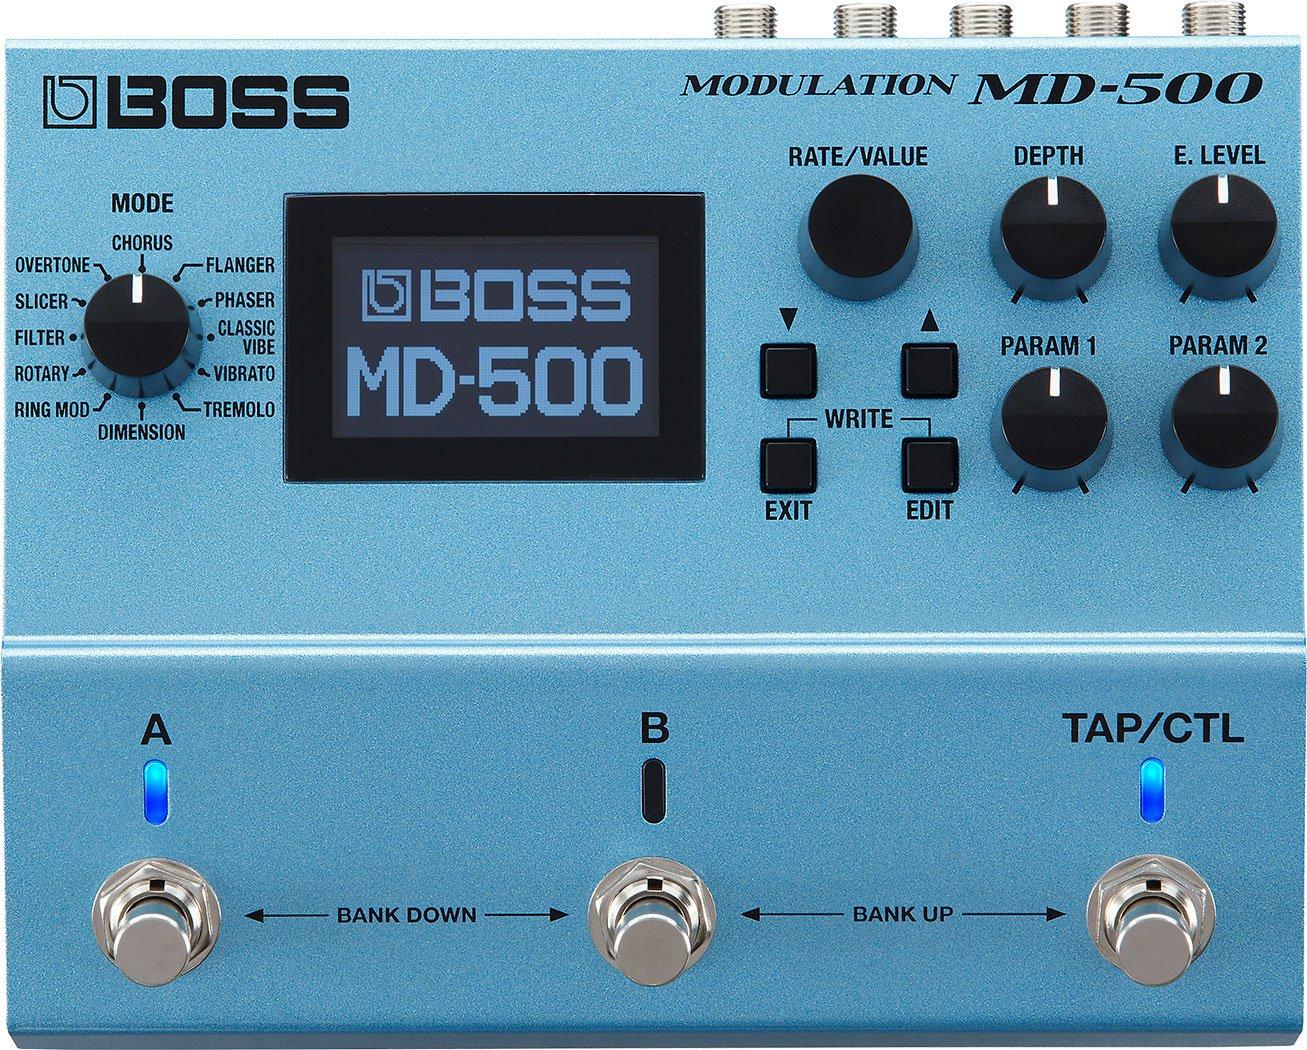 リンク:MD-500 Modulation